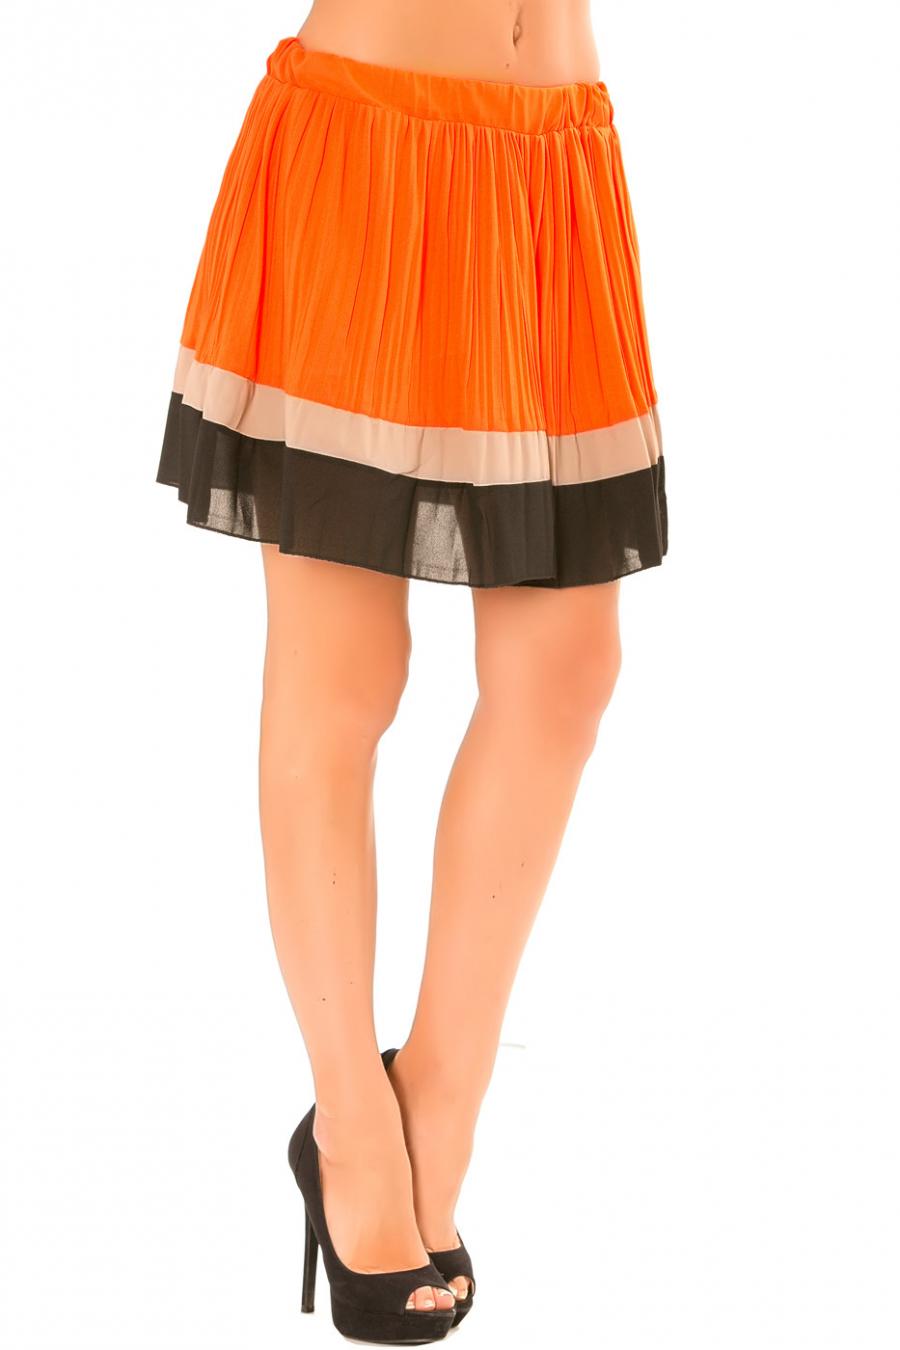 Jupe orange plissé à bordure taupe et noire. 6082